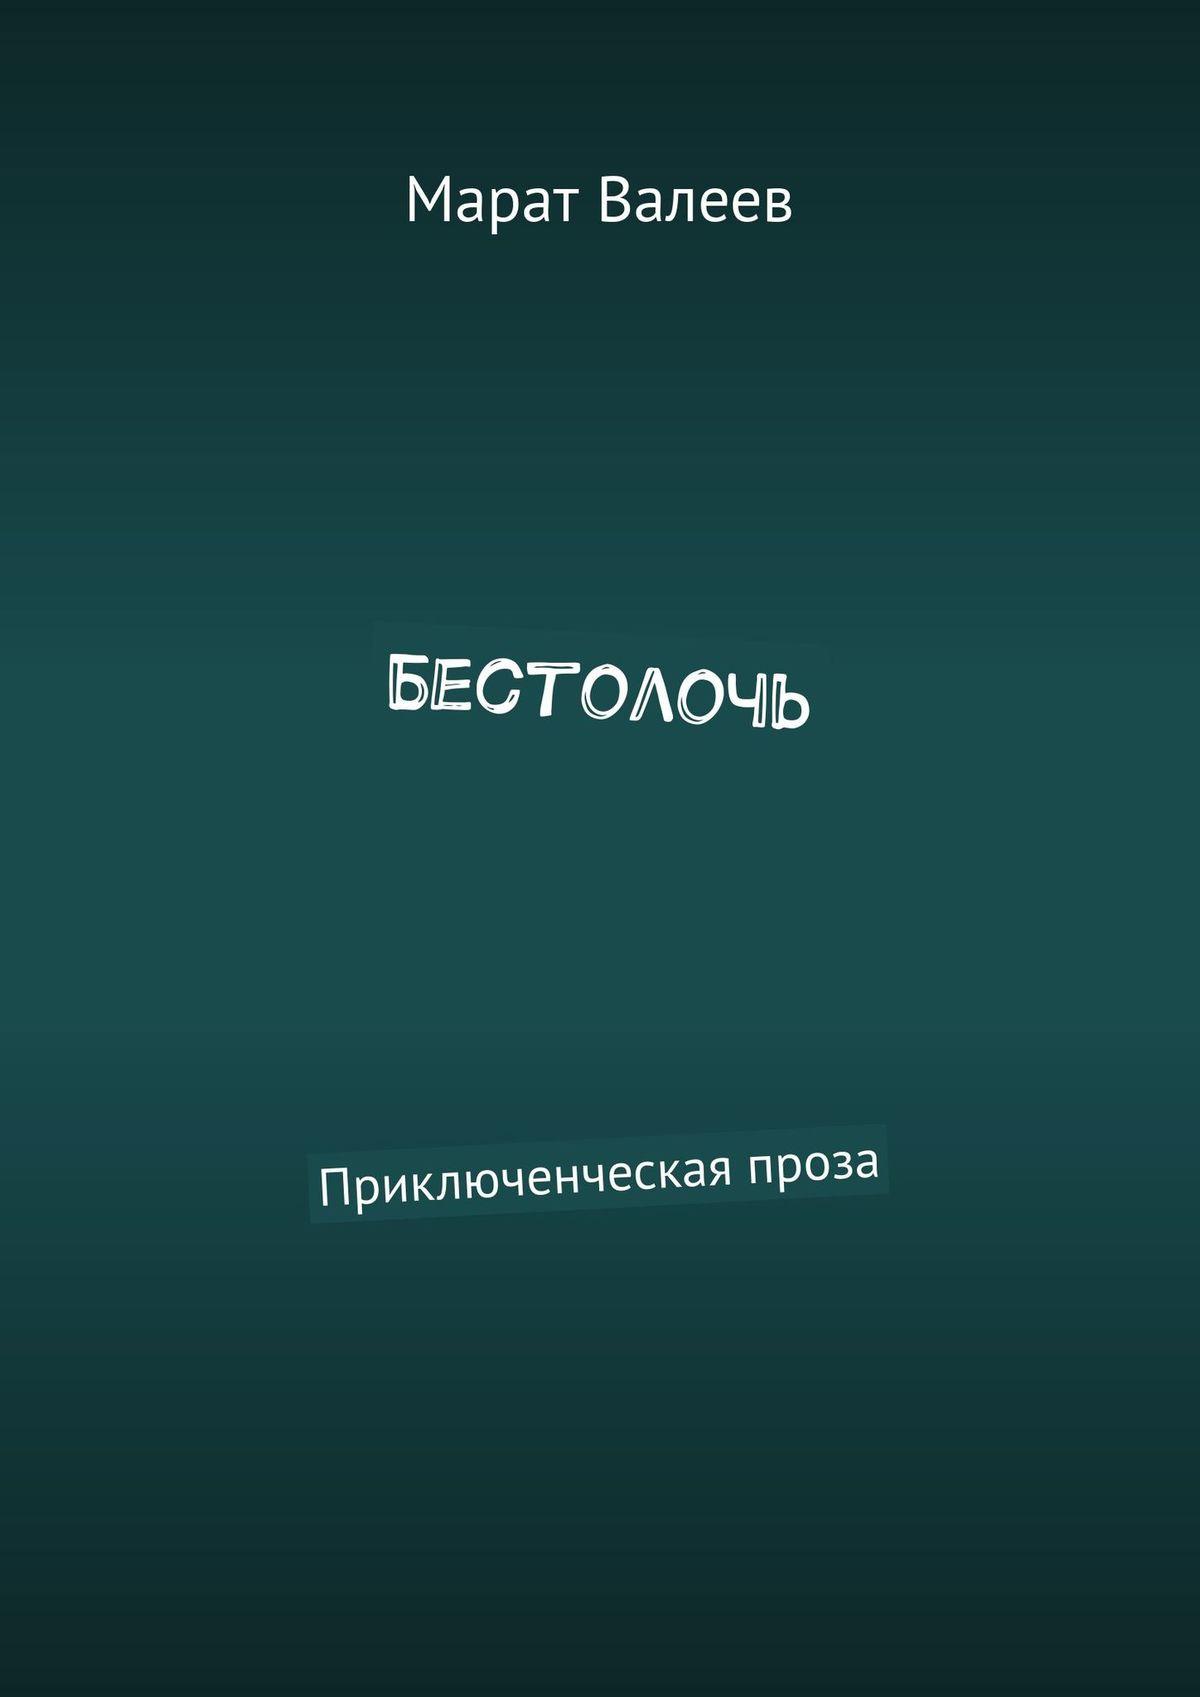 Марат Валеев Бестолочь. Приключенческая проза бестолочь 2018 12 03t19 00